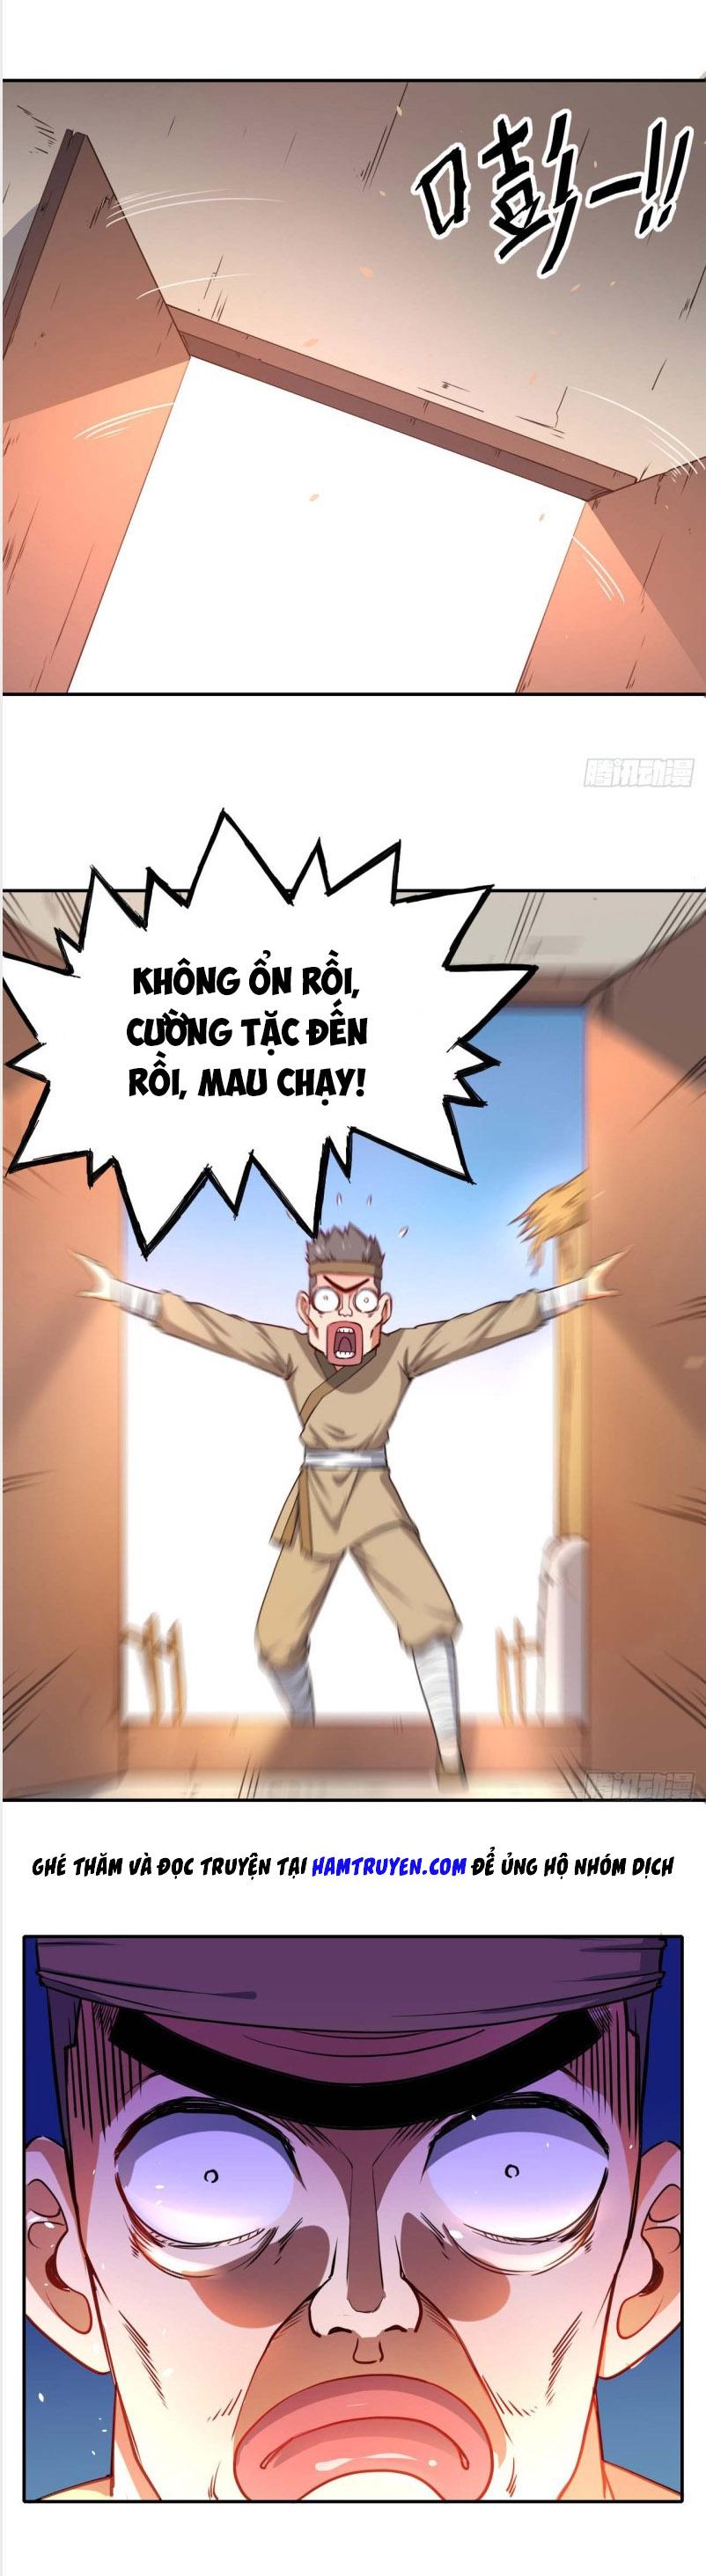 Sư Tỷ Của Ta Rất Cứng Chap 1 . Next Chap Chap 1.5